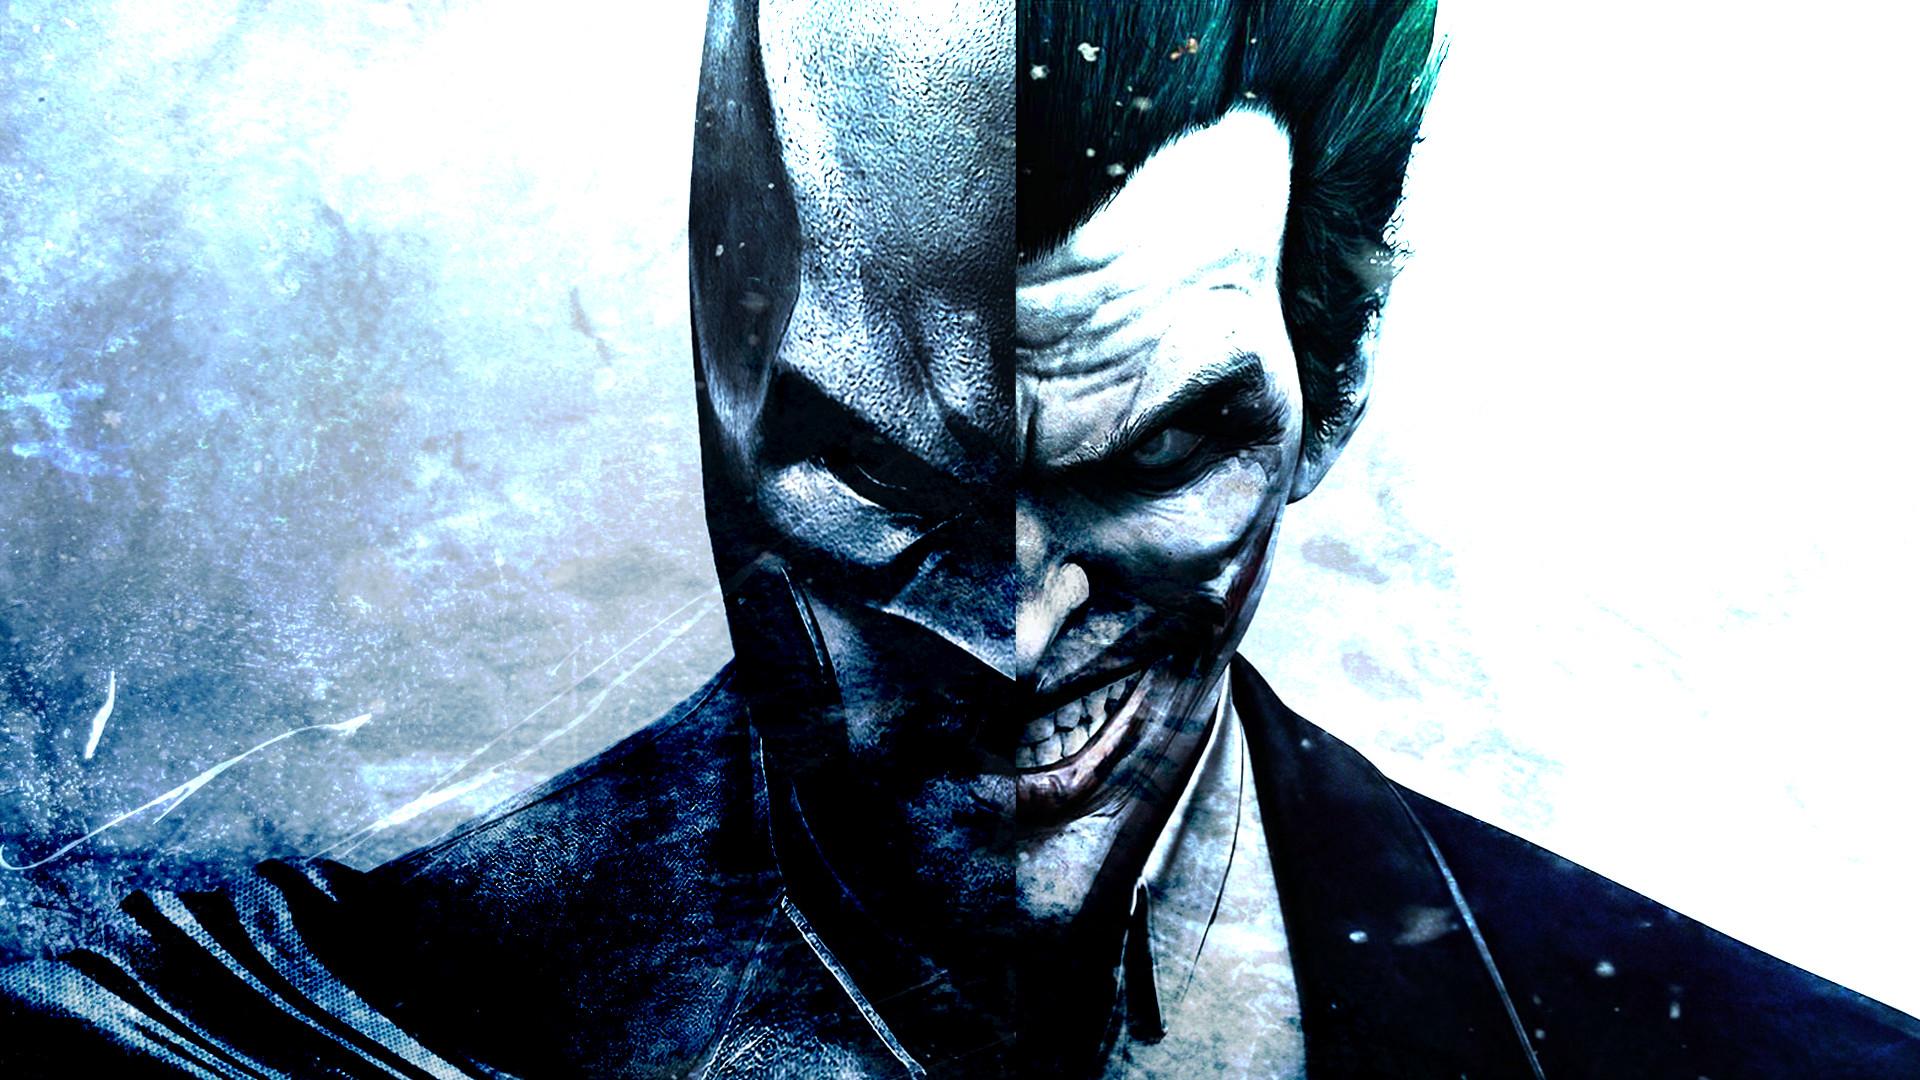 batman and joker wallpaper 183��